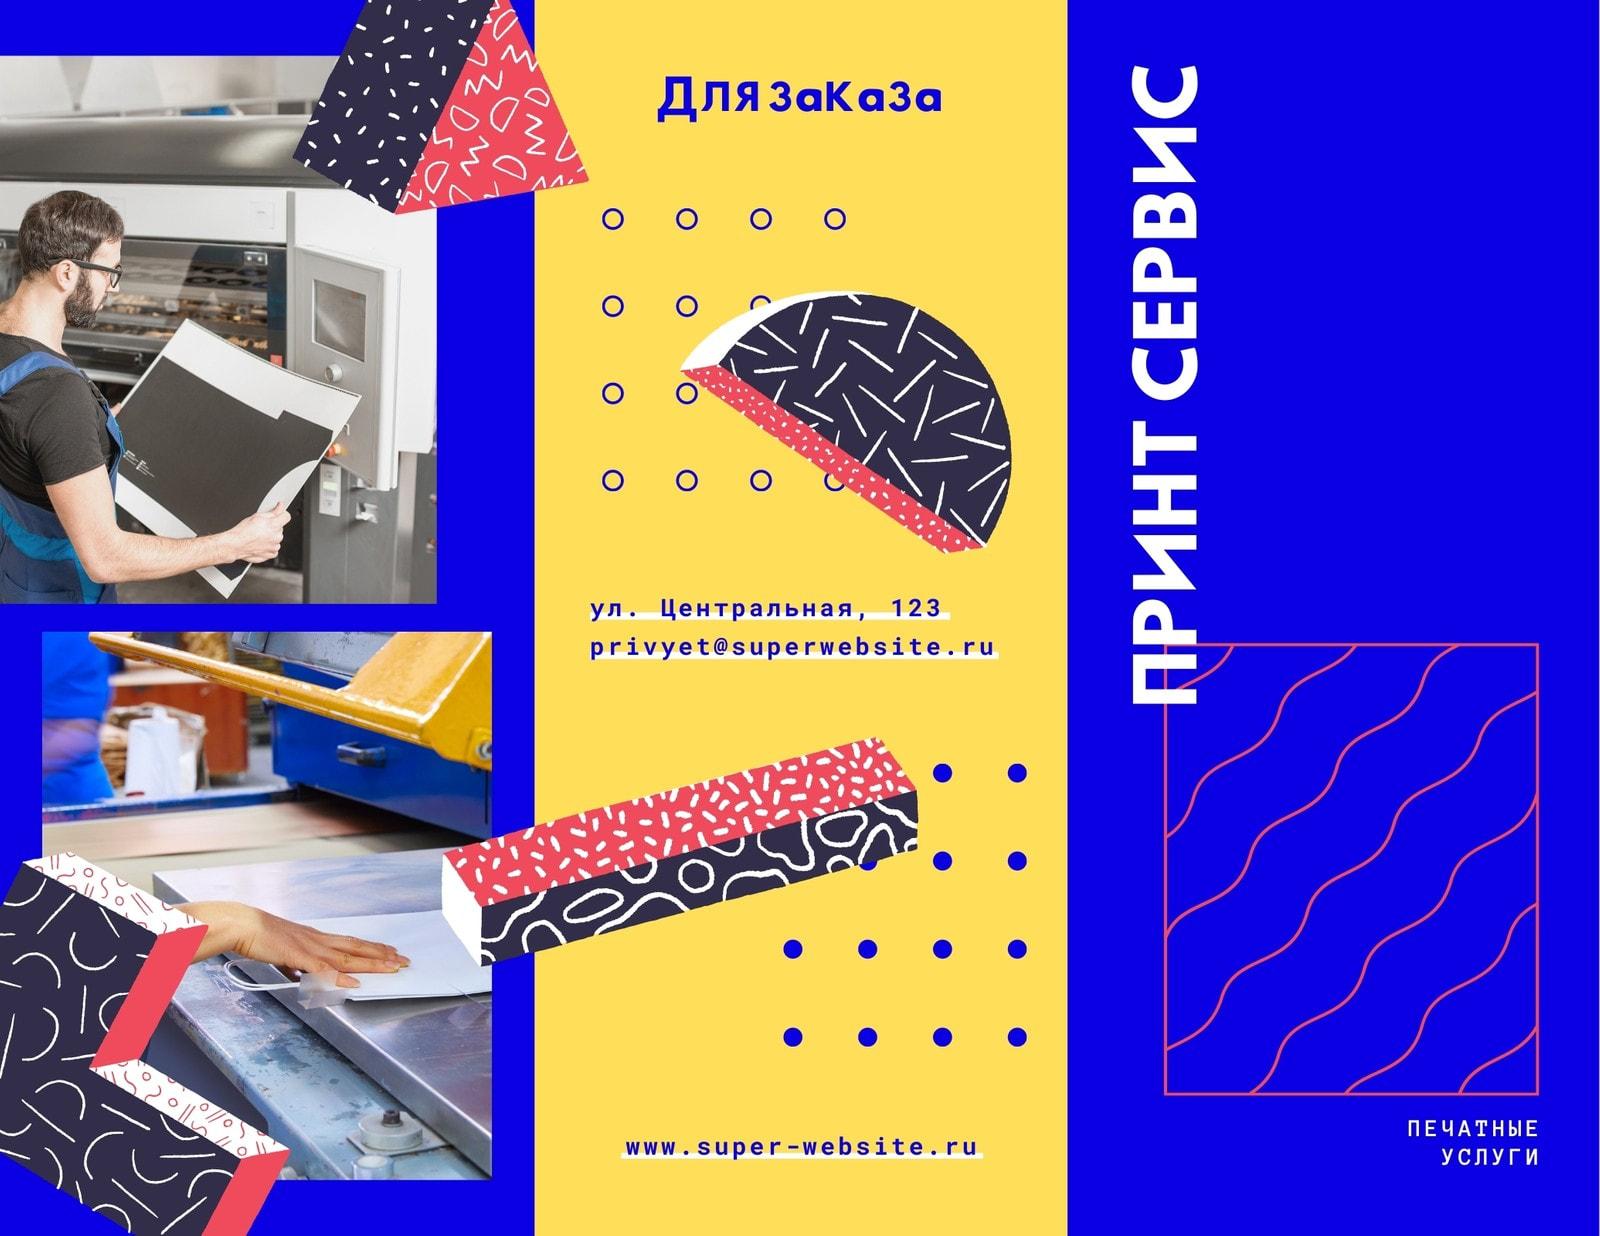 Желтая и синяя брошюра с прайс-листом печатных услуг